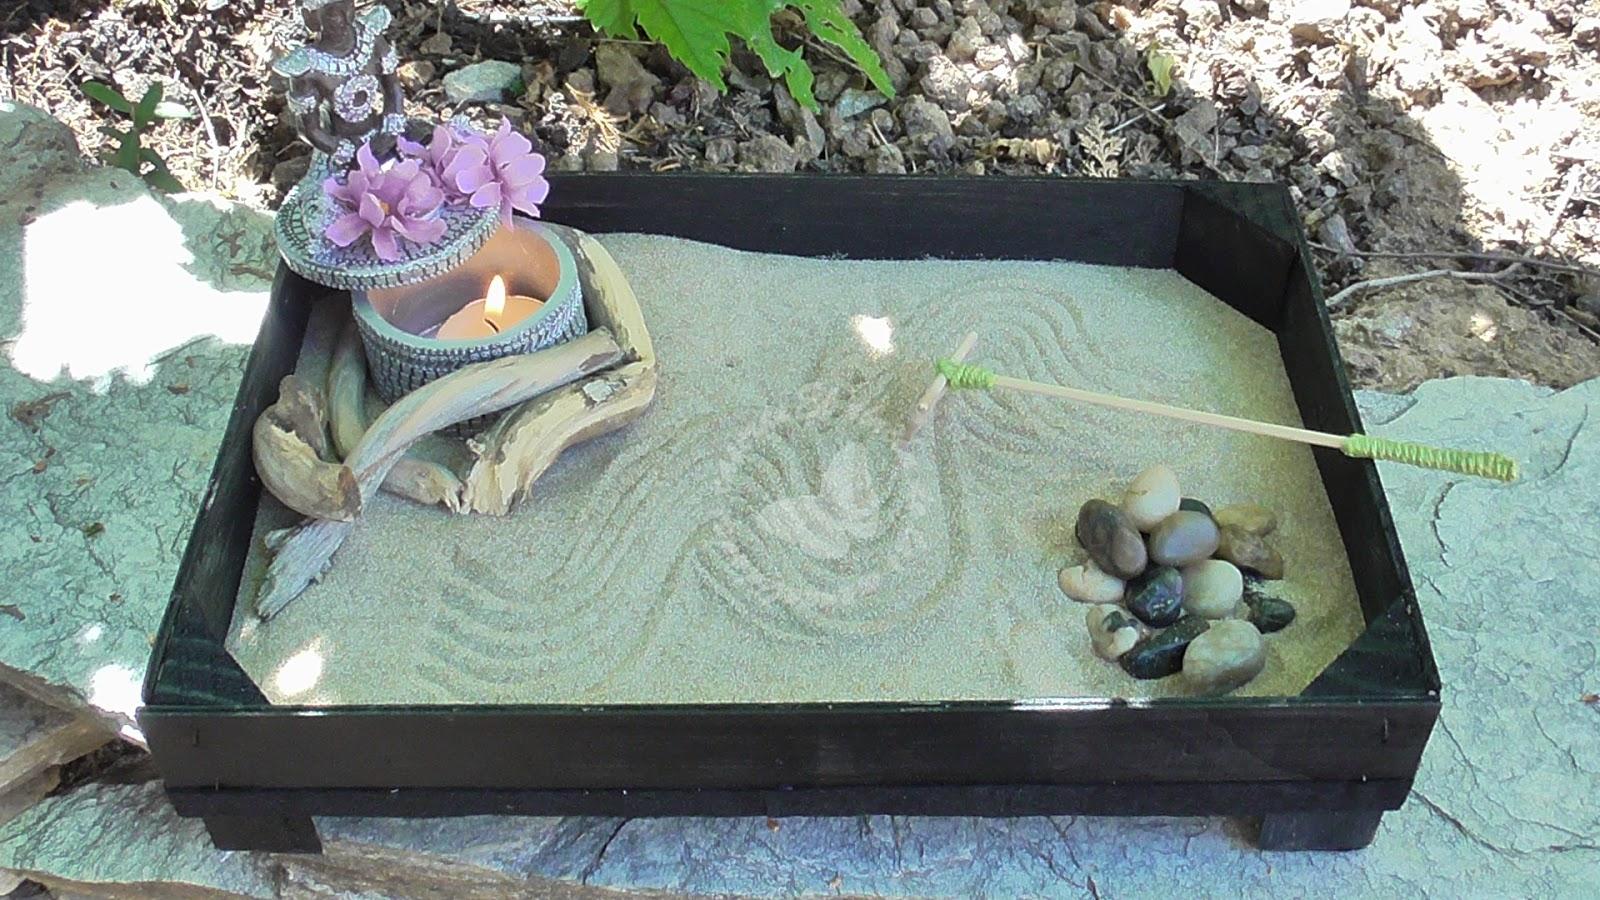 Jardin Zen Miniatura Significado Jard N Zen En Miniatura Collage - Jardin-zen-significado